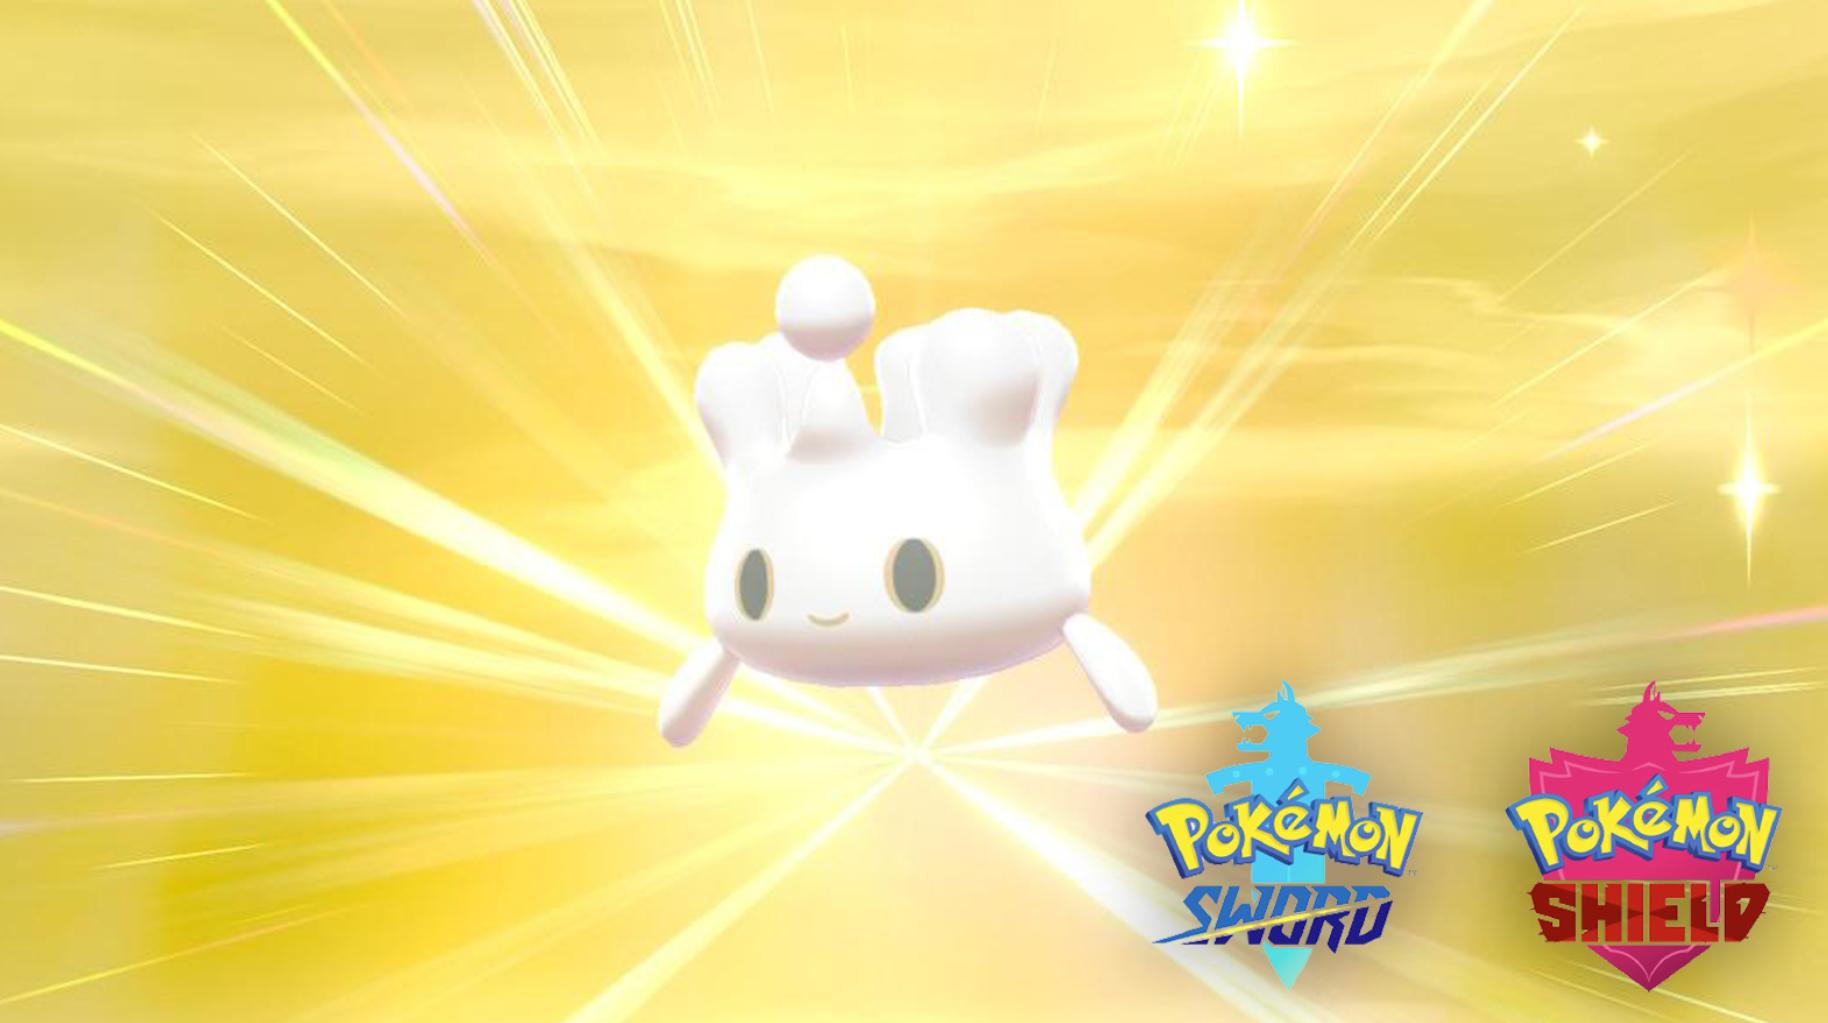 Pokemon gameplay